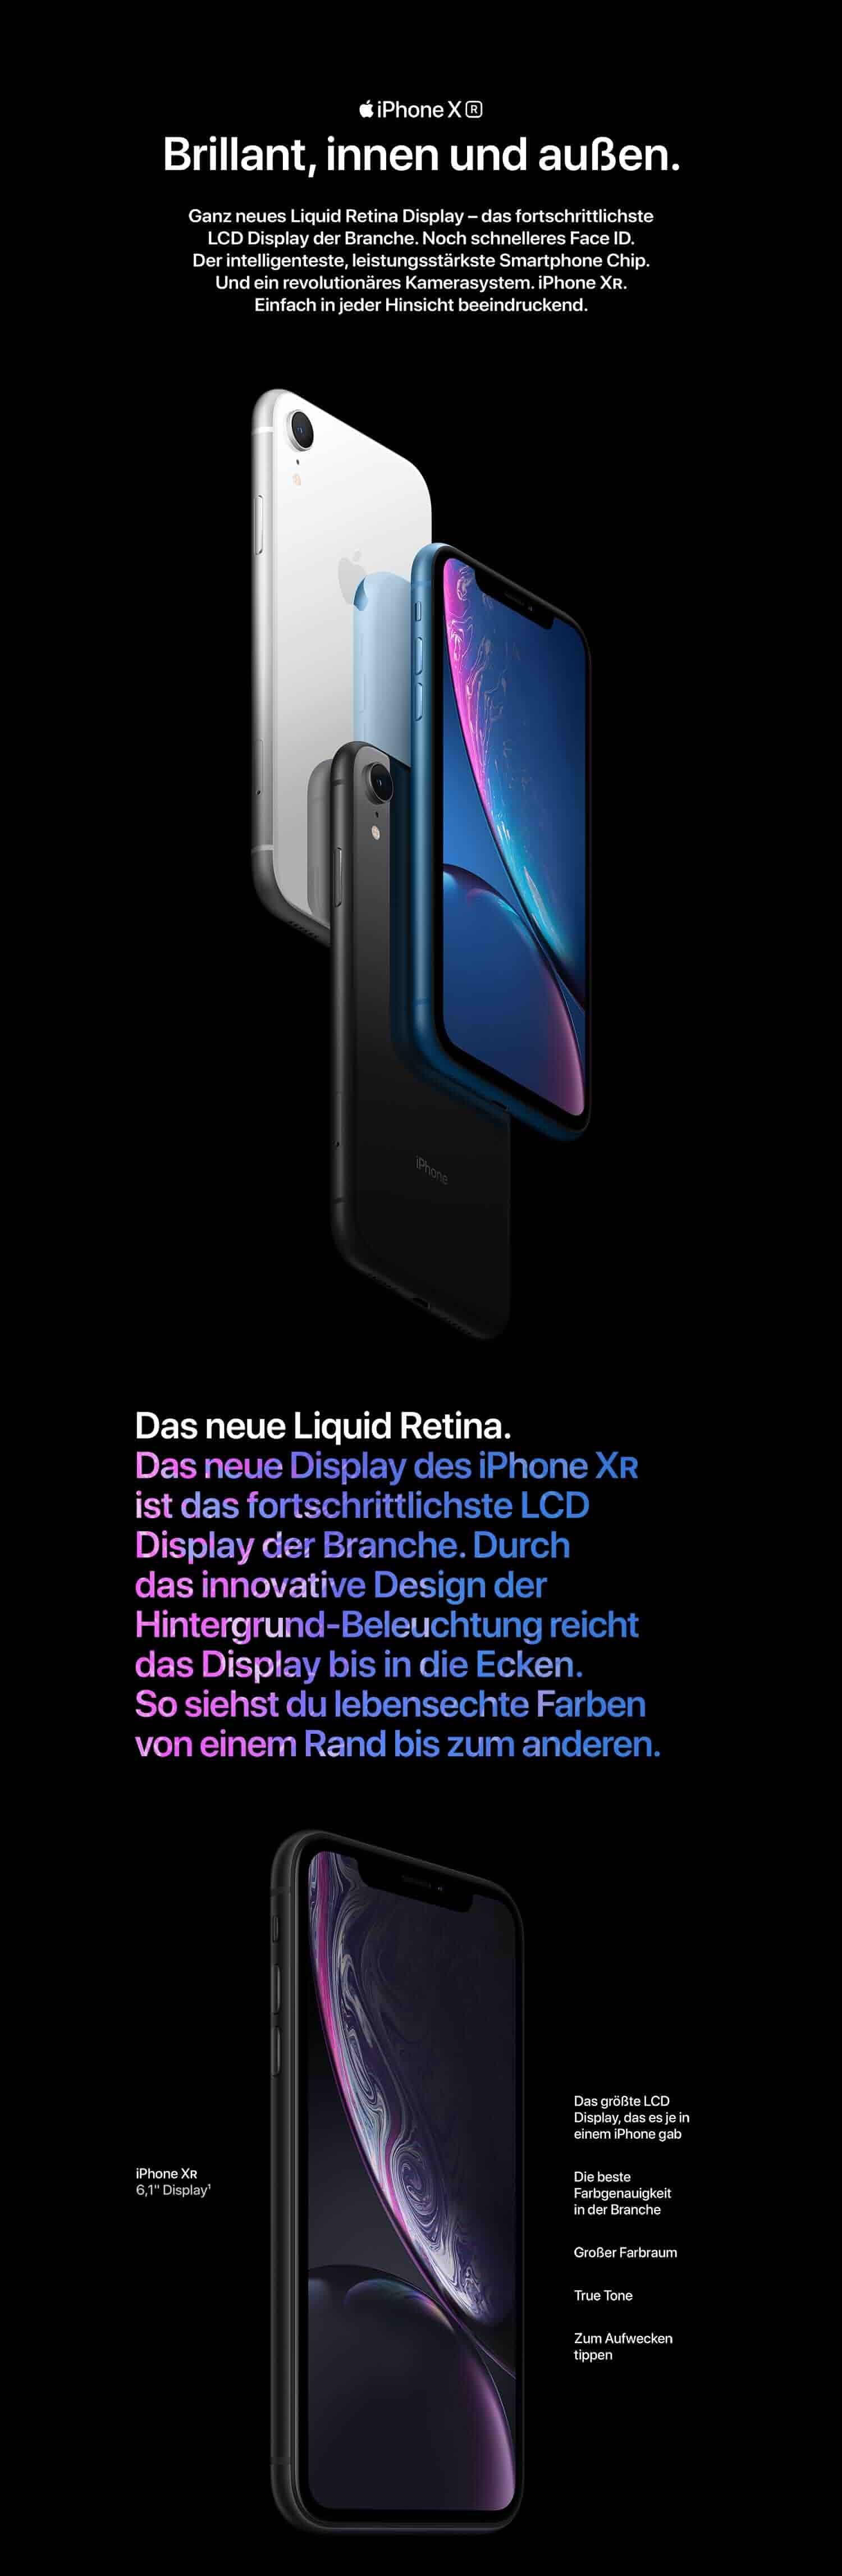 preisentwicklung iphone xr